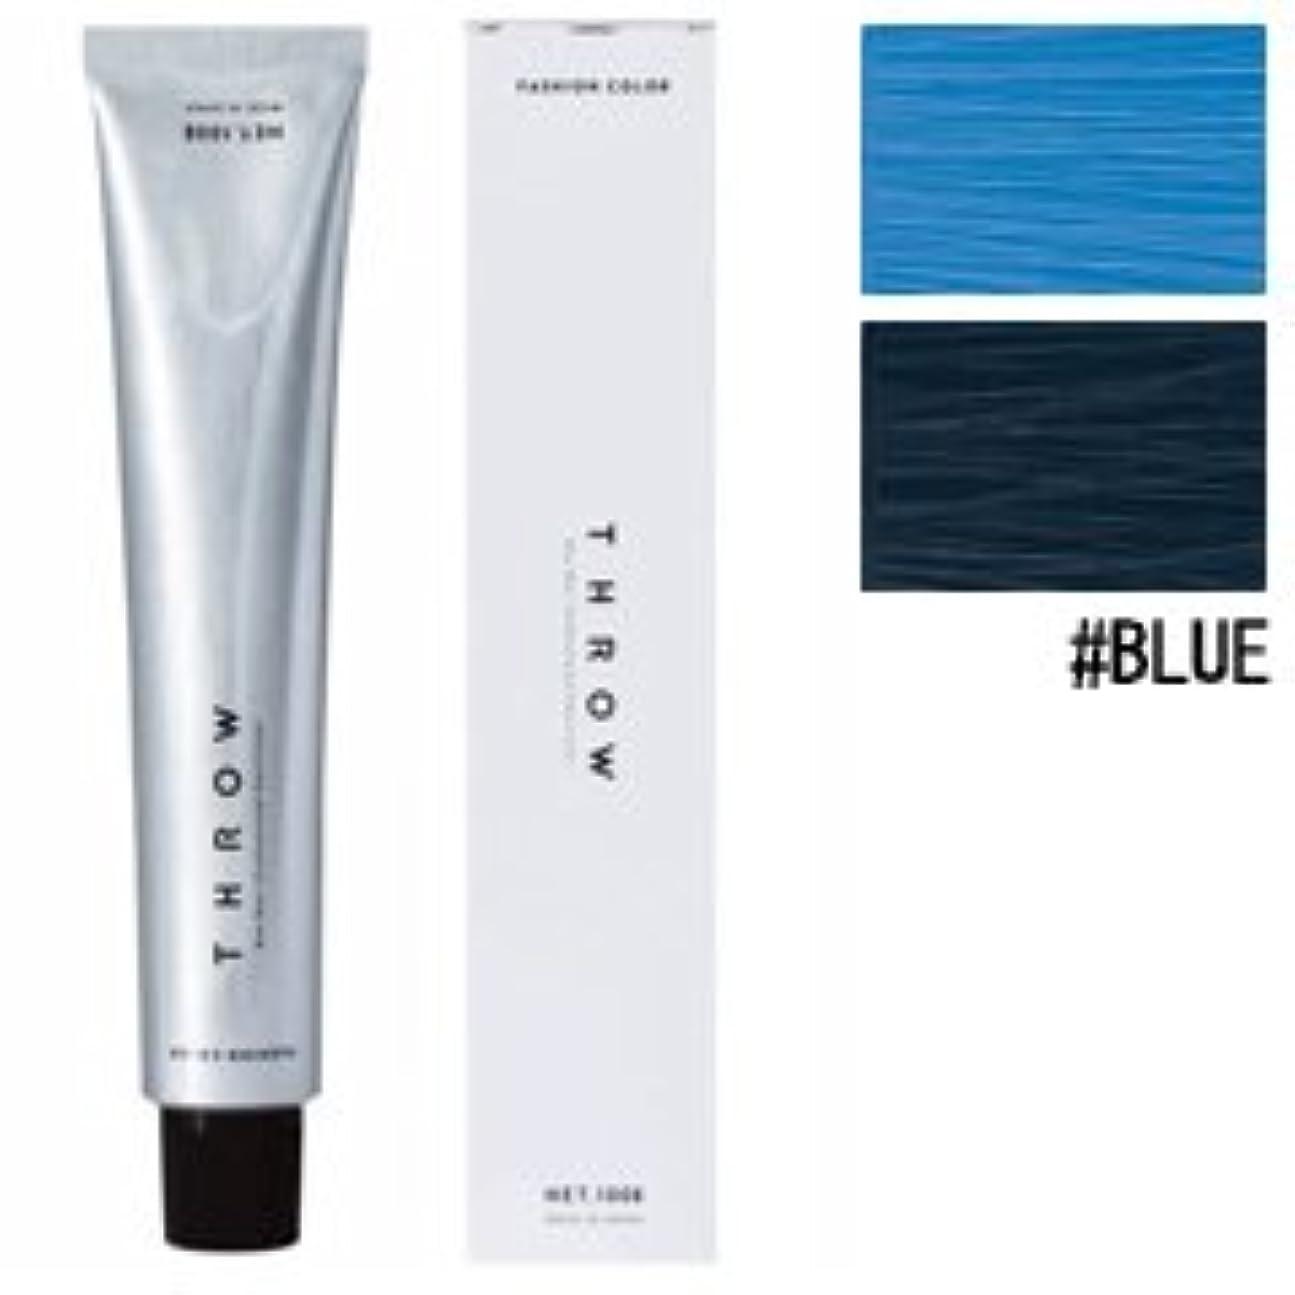 信じられない自発カップル【モルトベーネ】スロウ ファッションカラー #BLUE 100g